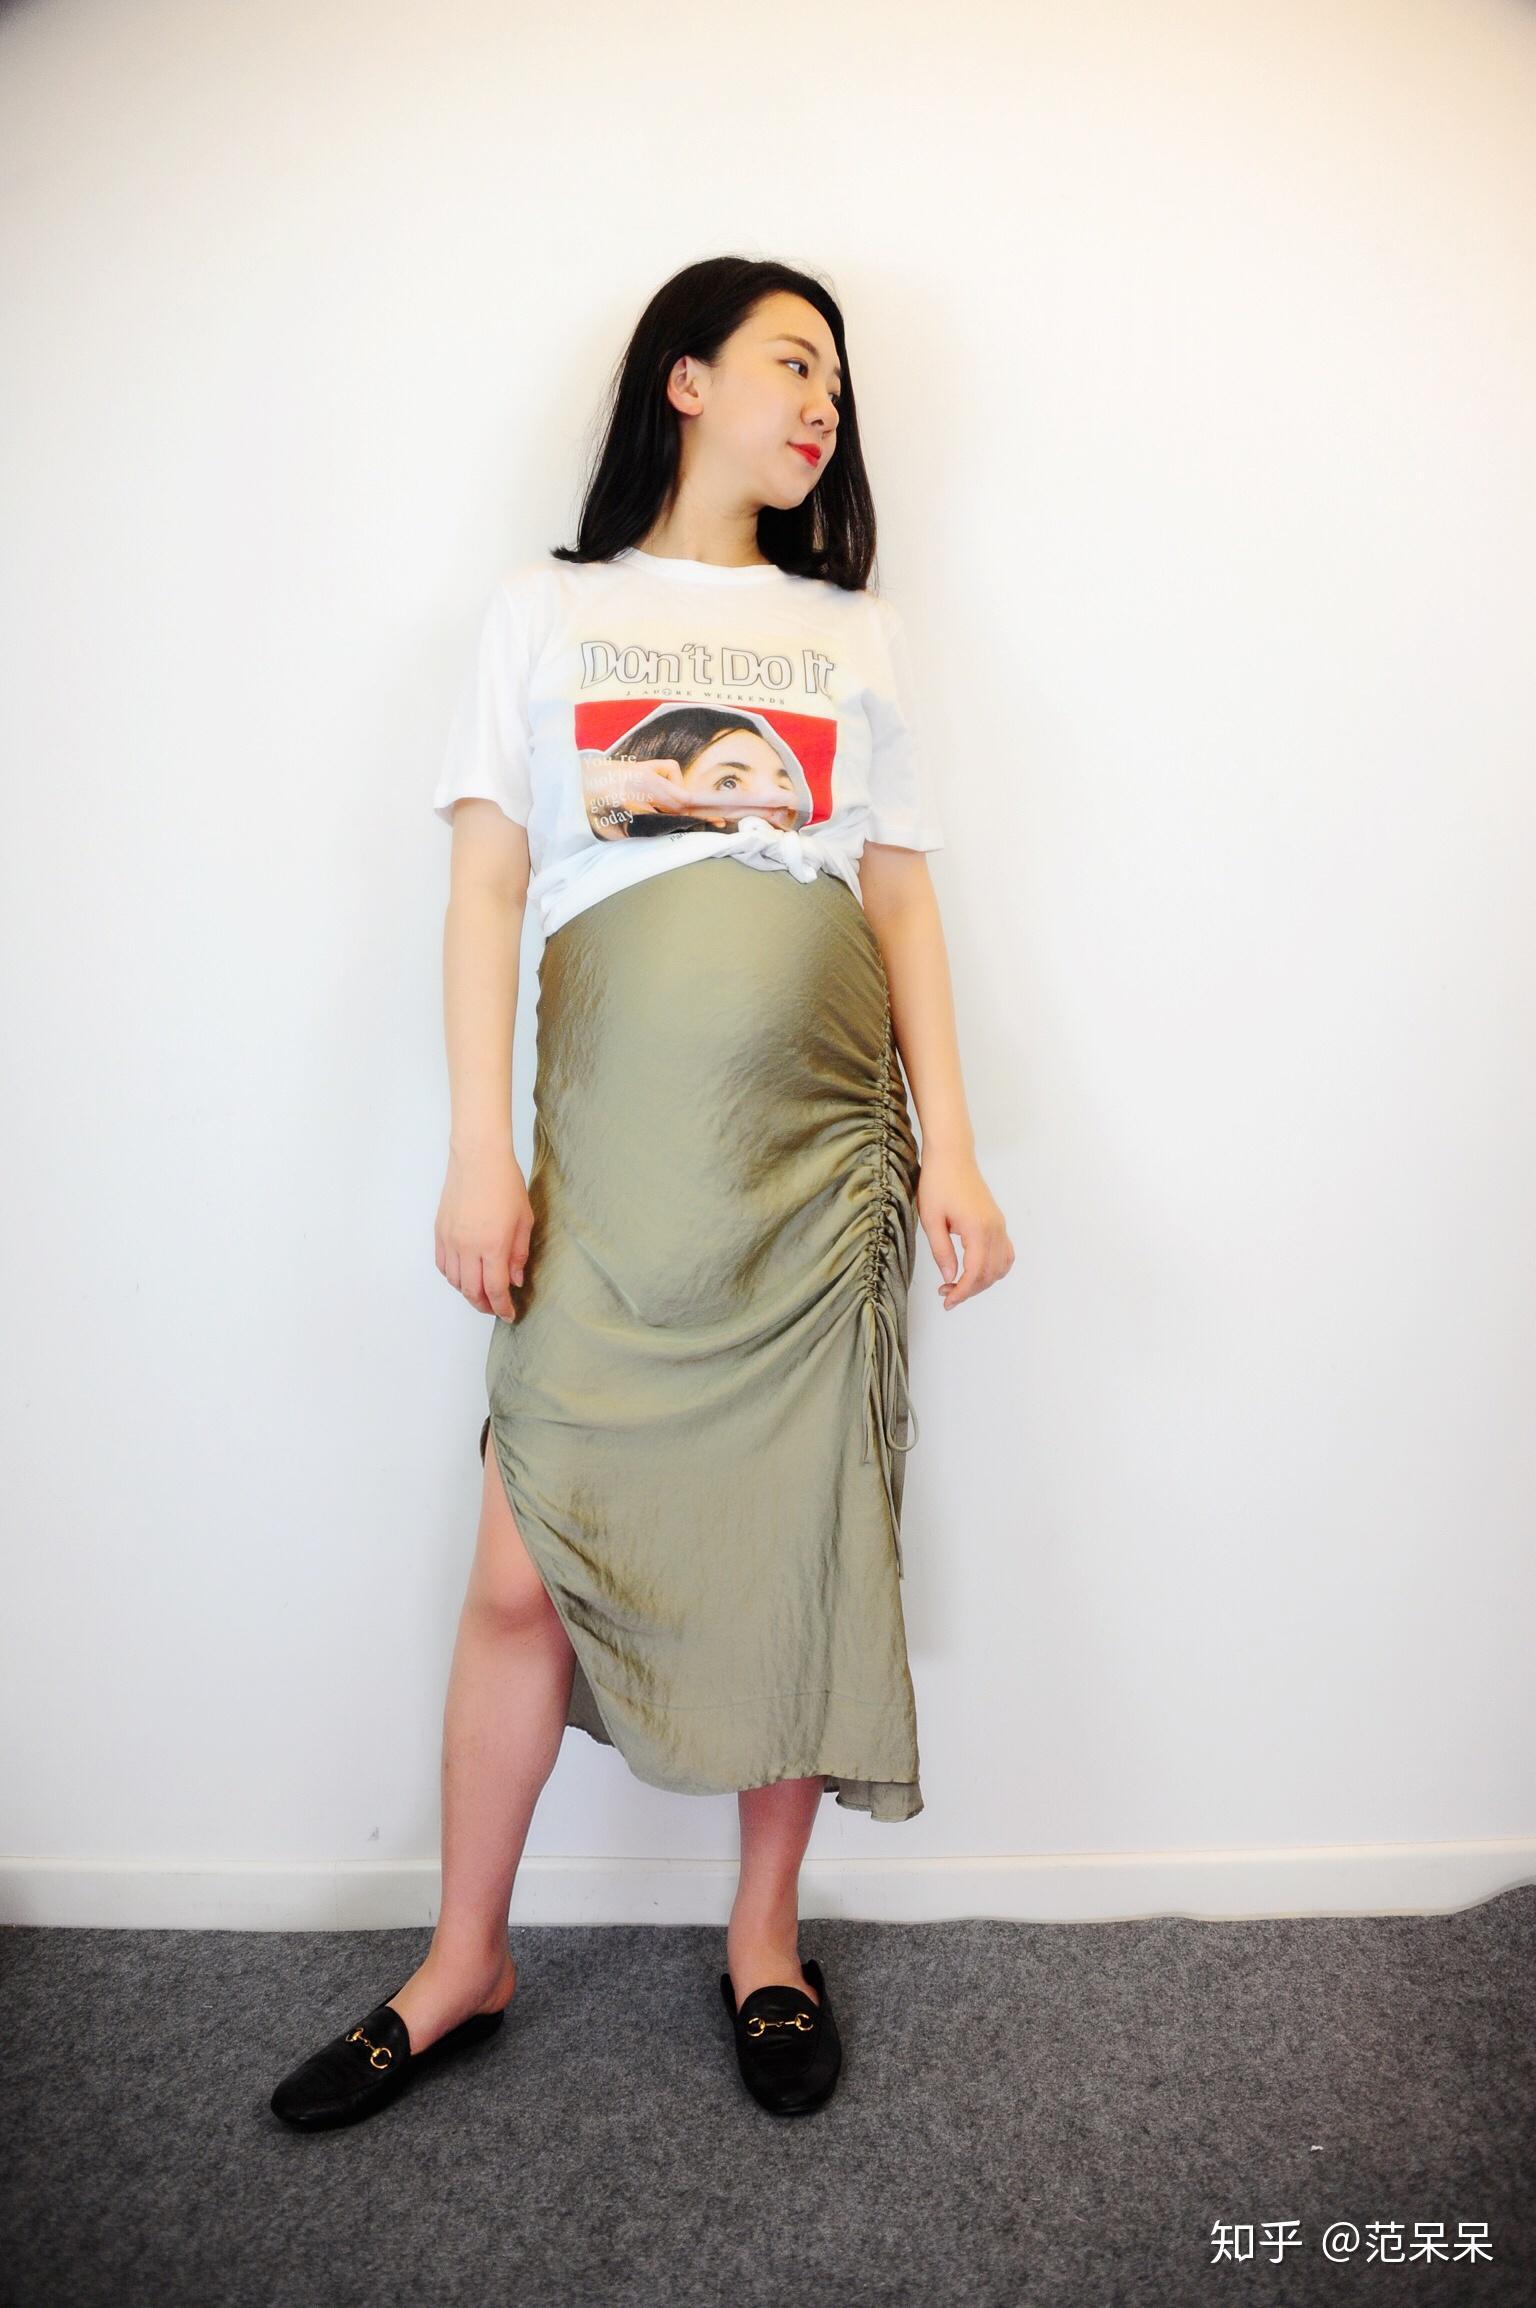 紧身衣服_孕妇穿什么衣服怎么搭配会比较好看? - 知乎